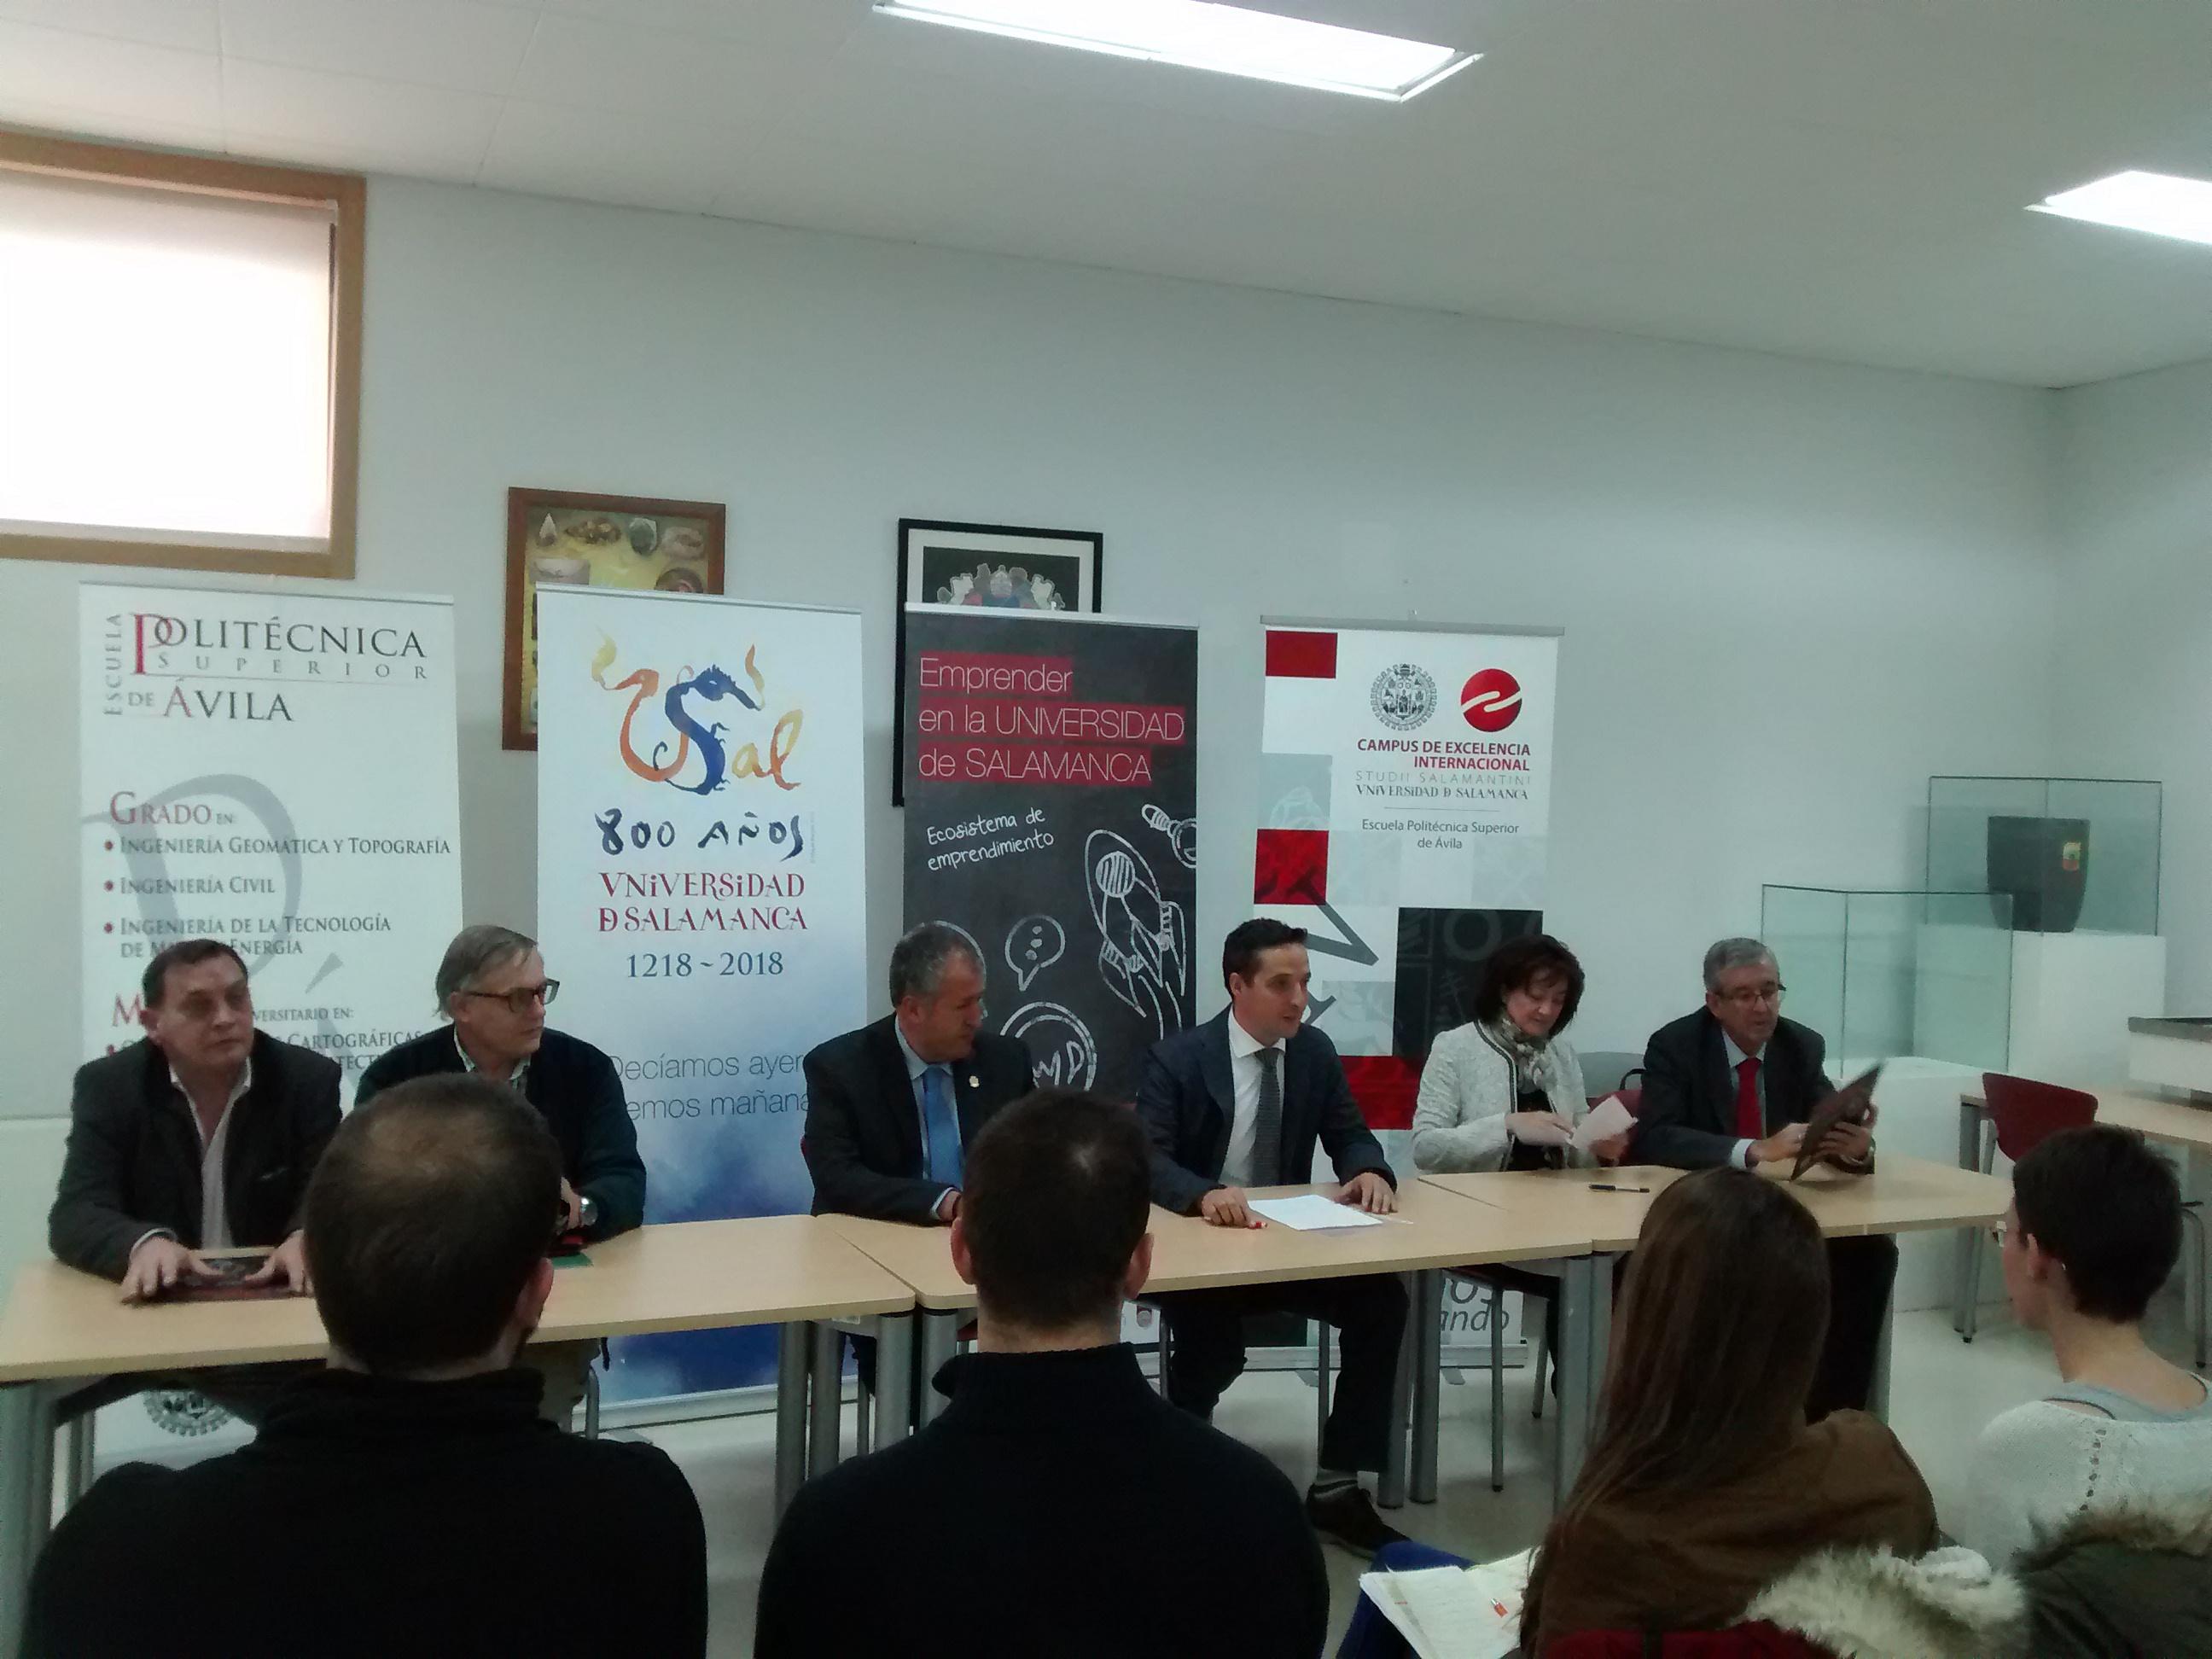 La Universidad de Salamanca inaugura su nuevo espacio de emprendimiento en el campus de Ávila